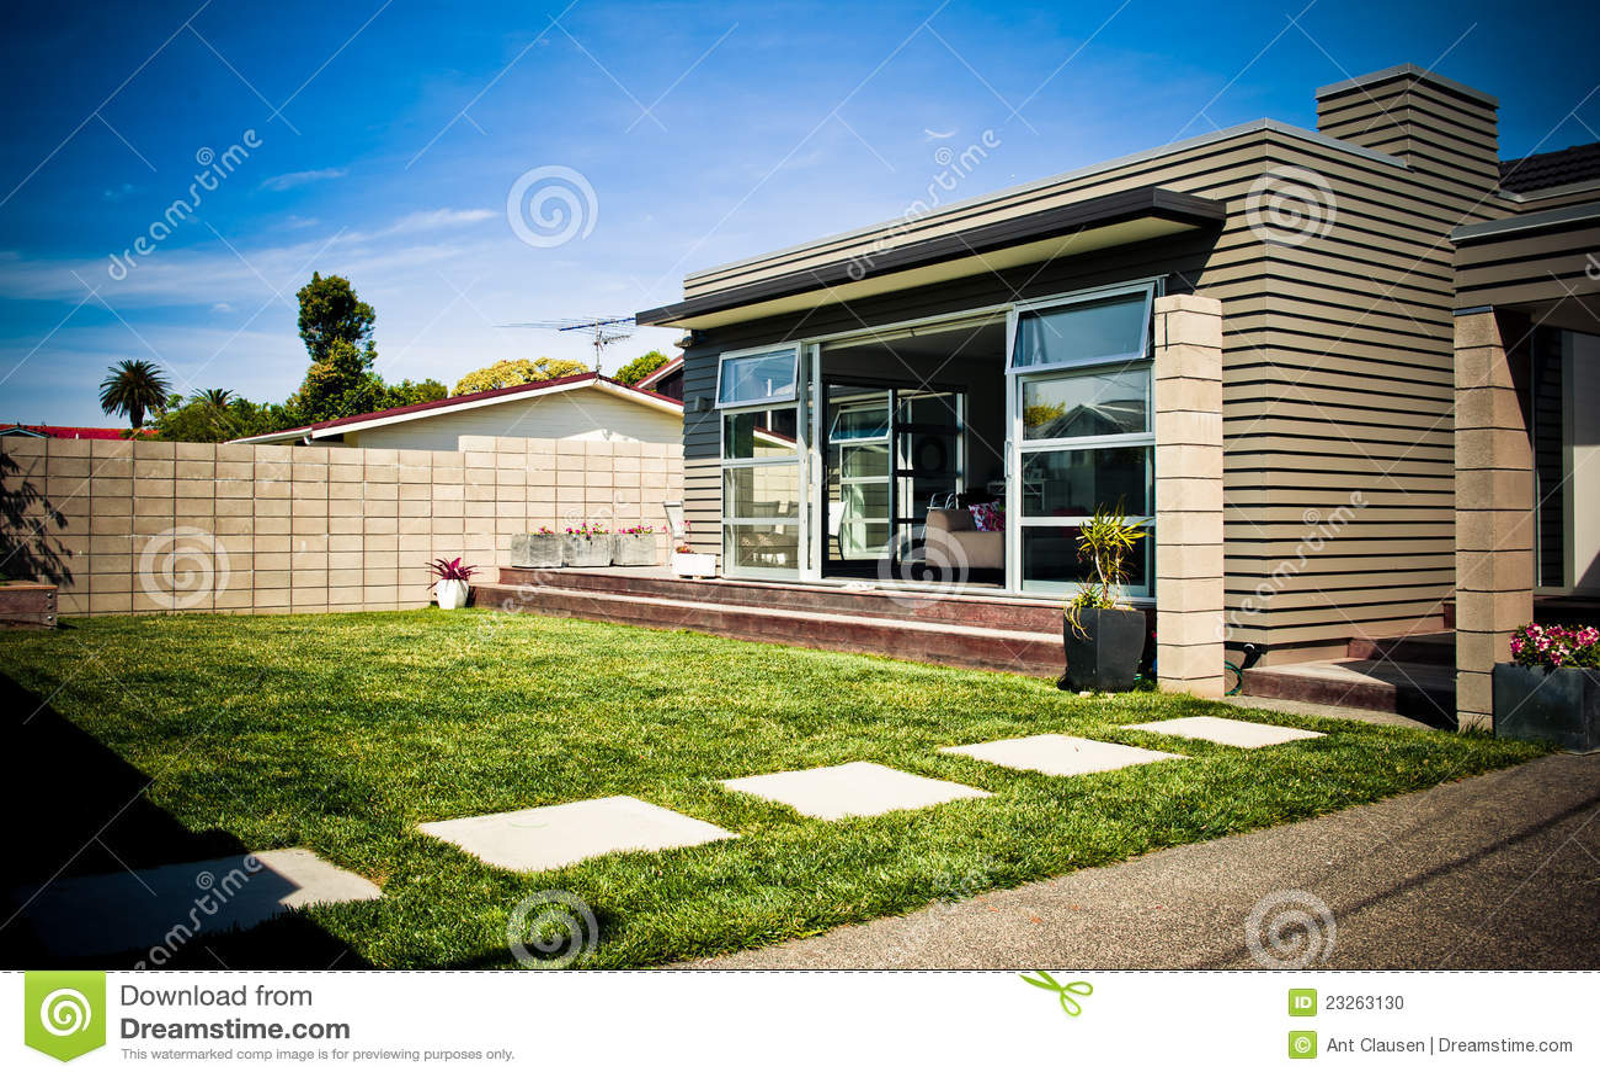 Maison moderne de cr ateur photo stock image 23263130 for Createur de maison